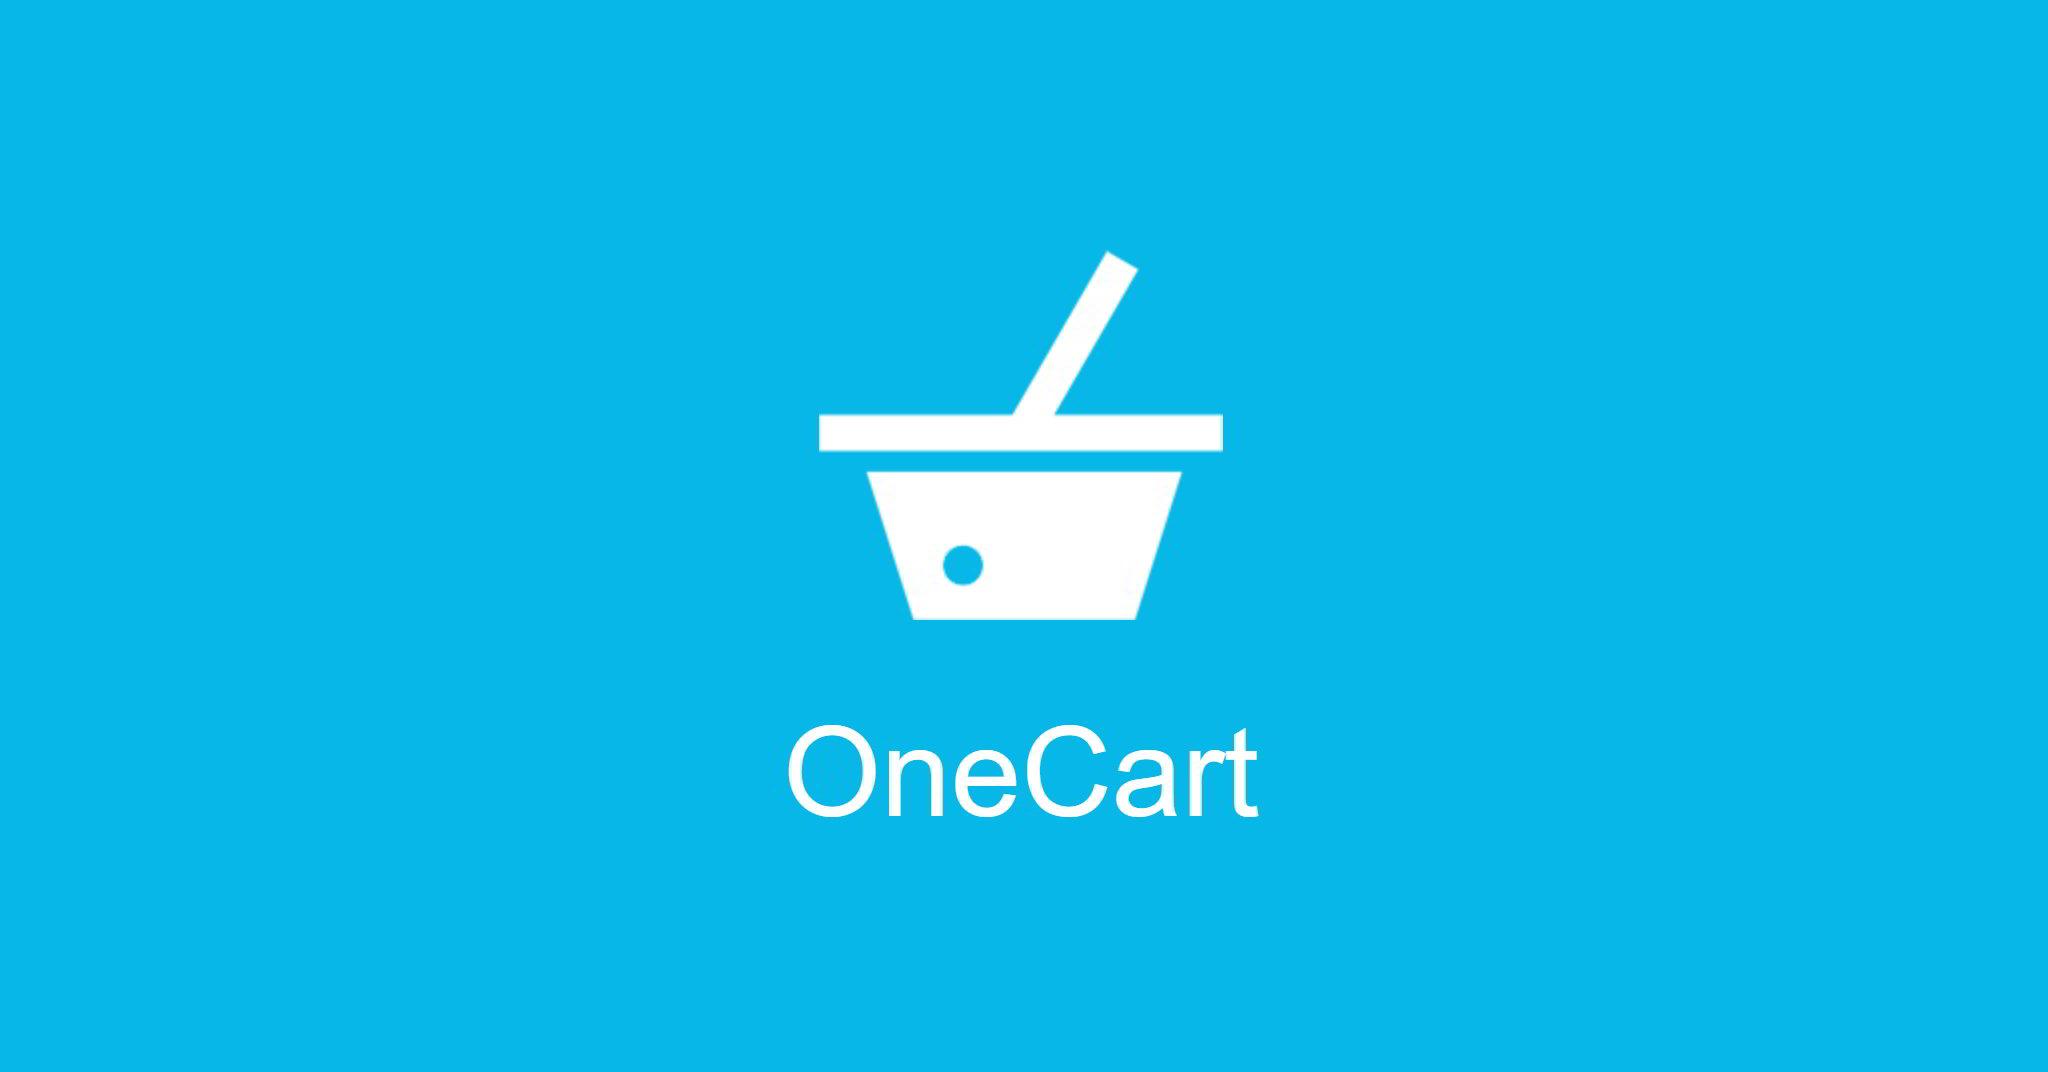 OneCart.io